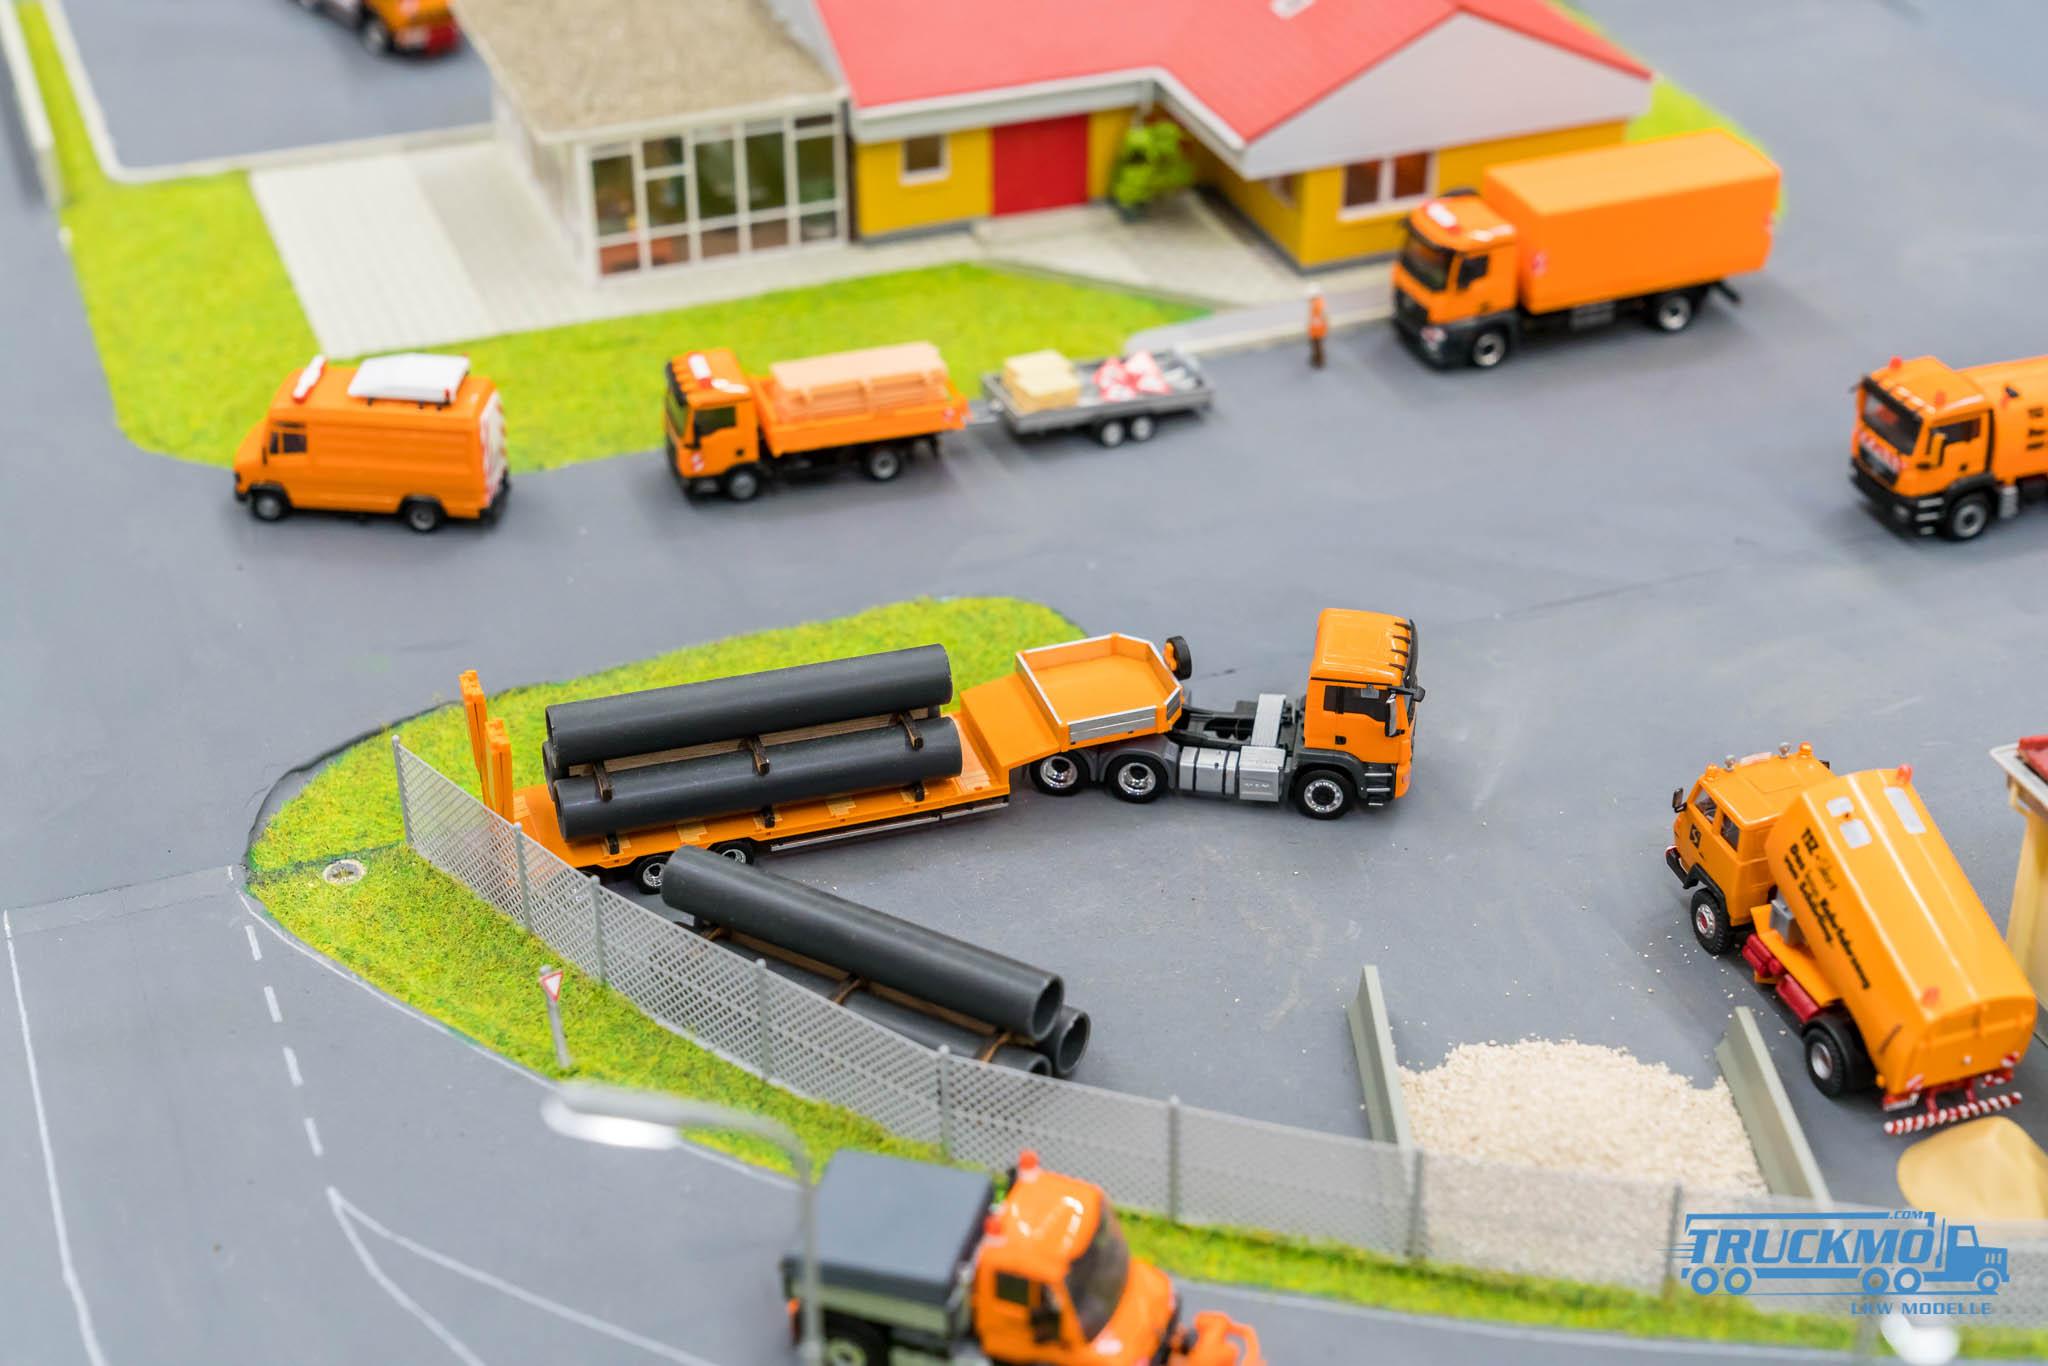 Truckmo_Modellbau_Ried_2017_Herpa_Messe_Modellbauausstellung (144 von 1177)